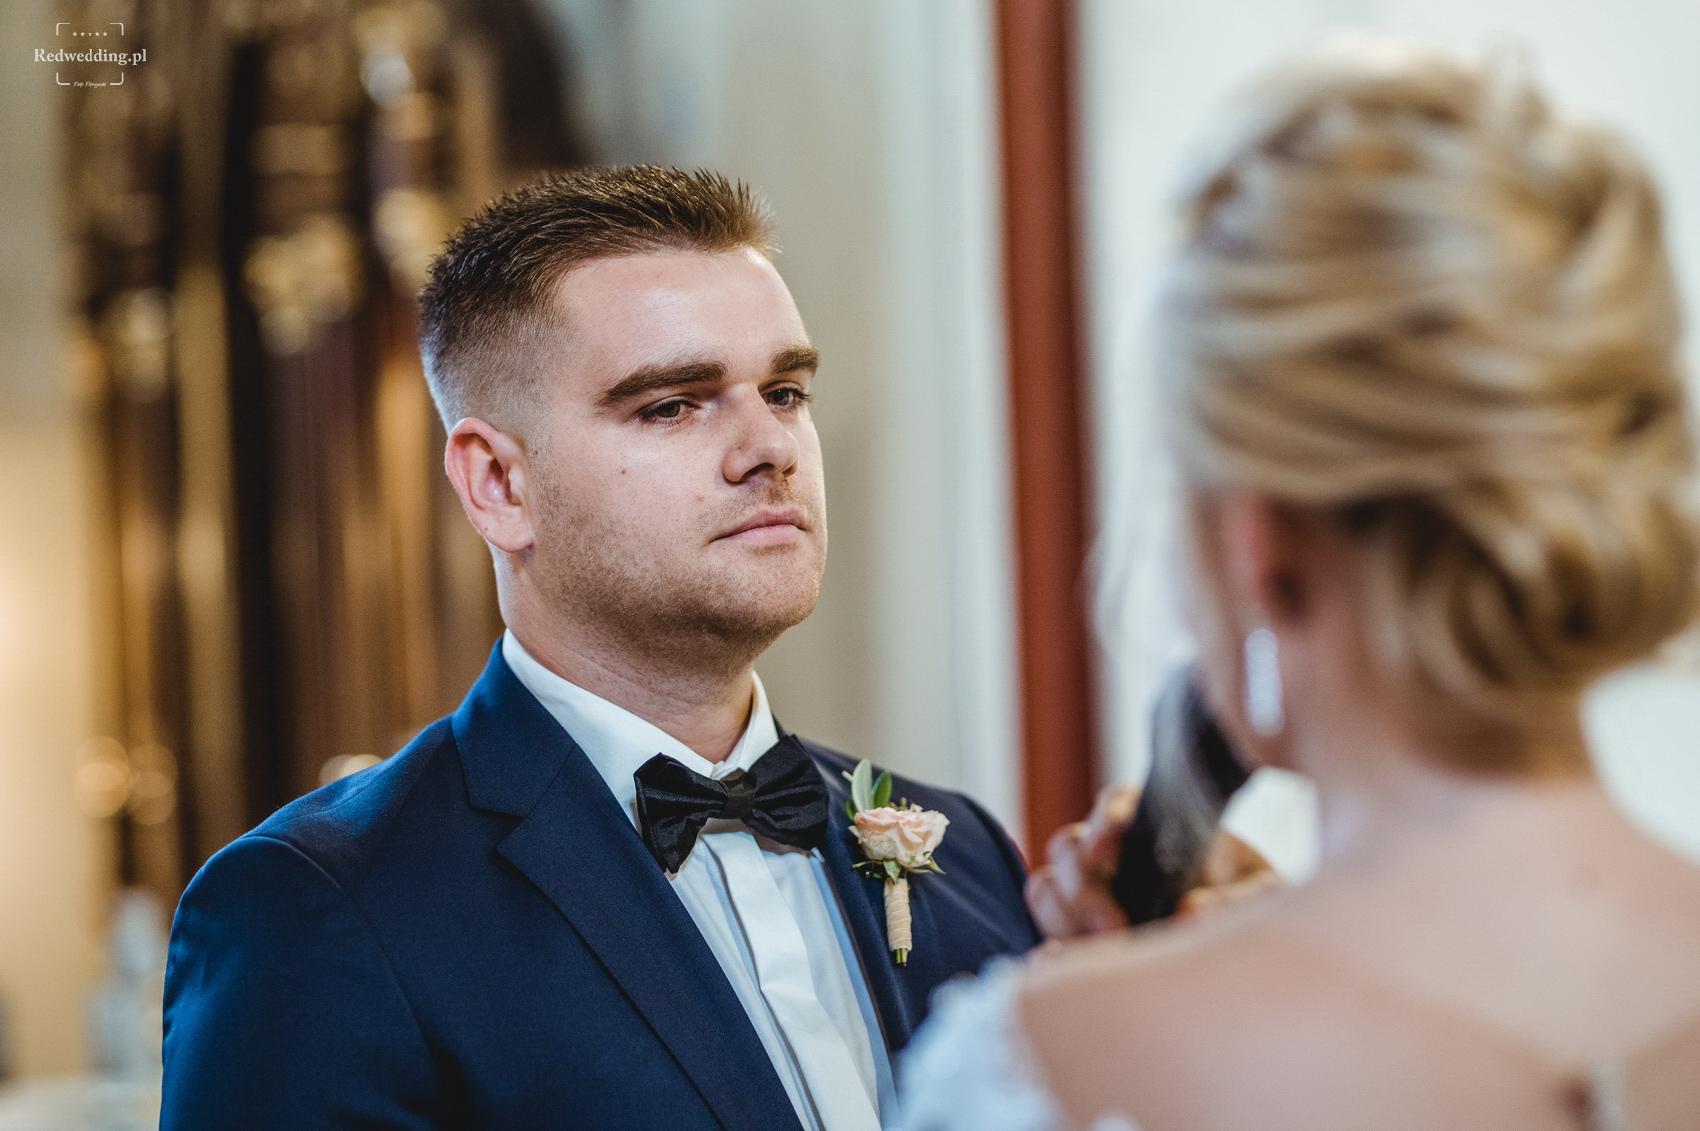 fotograf na wesele pomorze redwedding